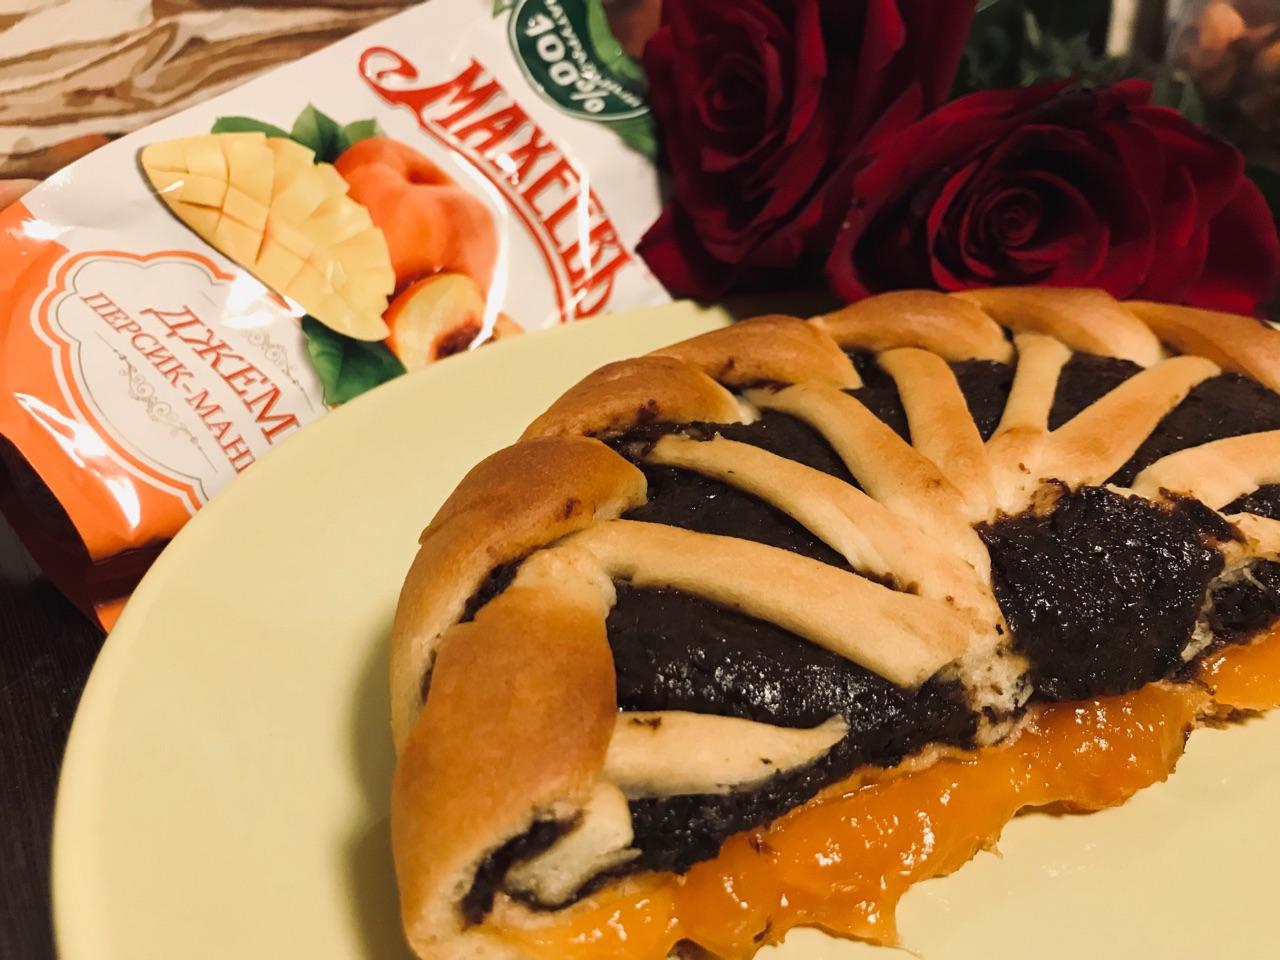 Открытый пирог с черносливом и персиковым джемом МахеевЪ